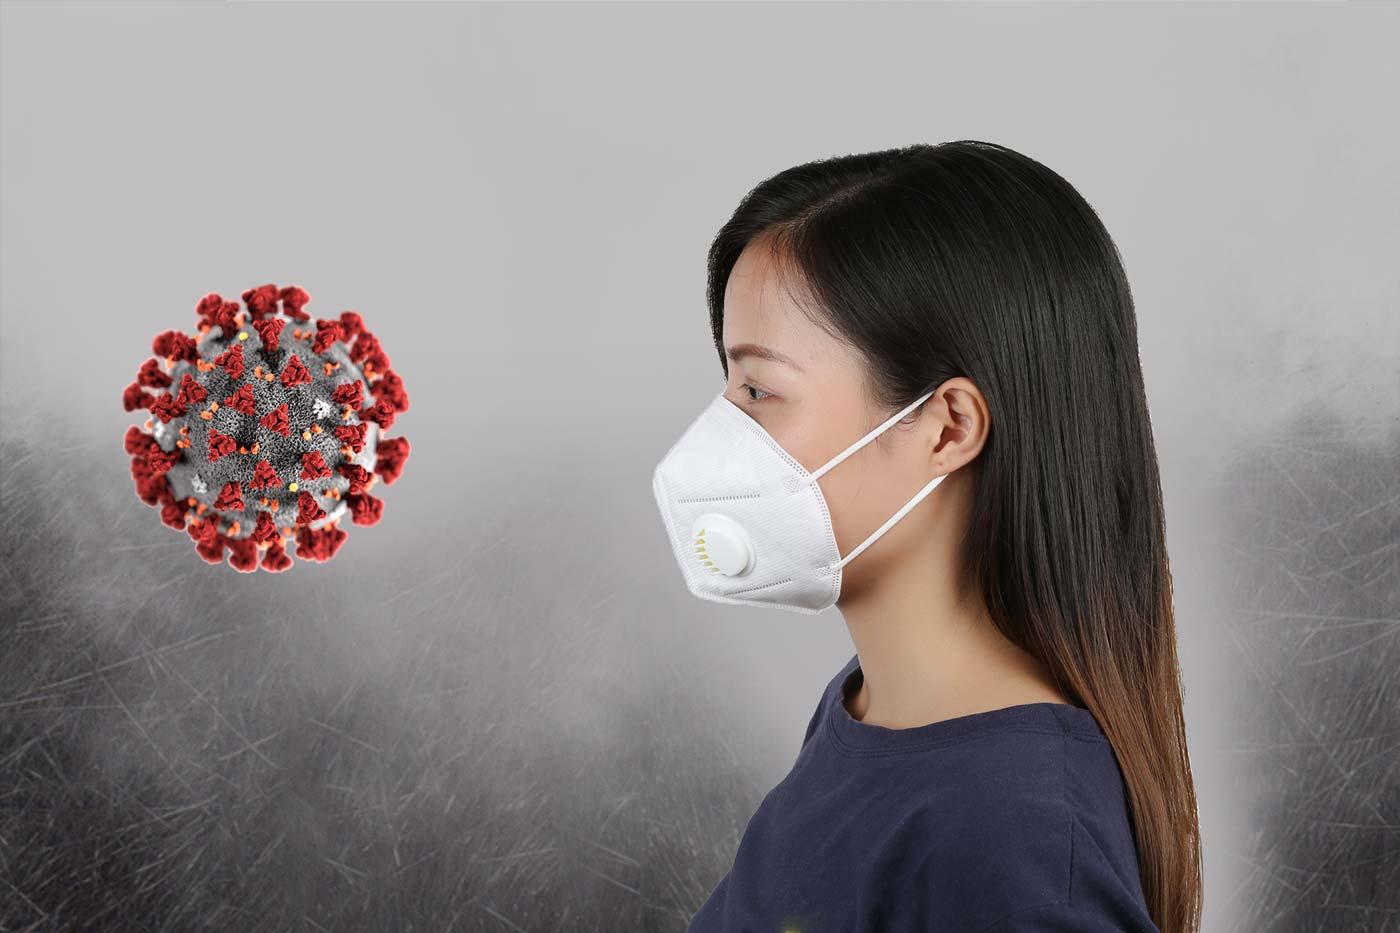 بیایید بهداشت تنفسی را تمرین کنیم / اختصاصی